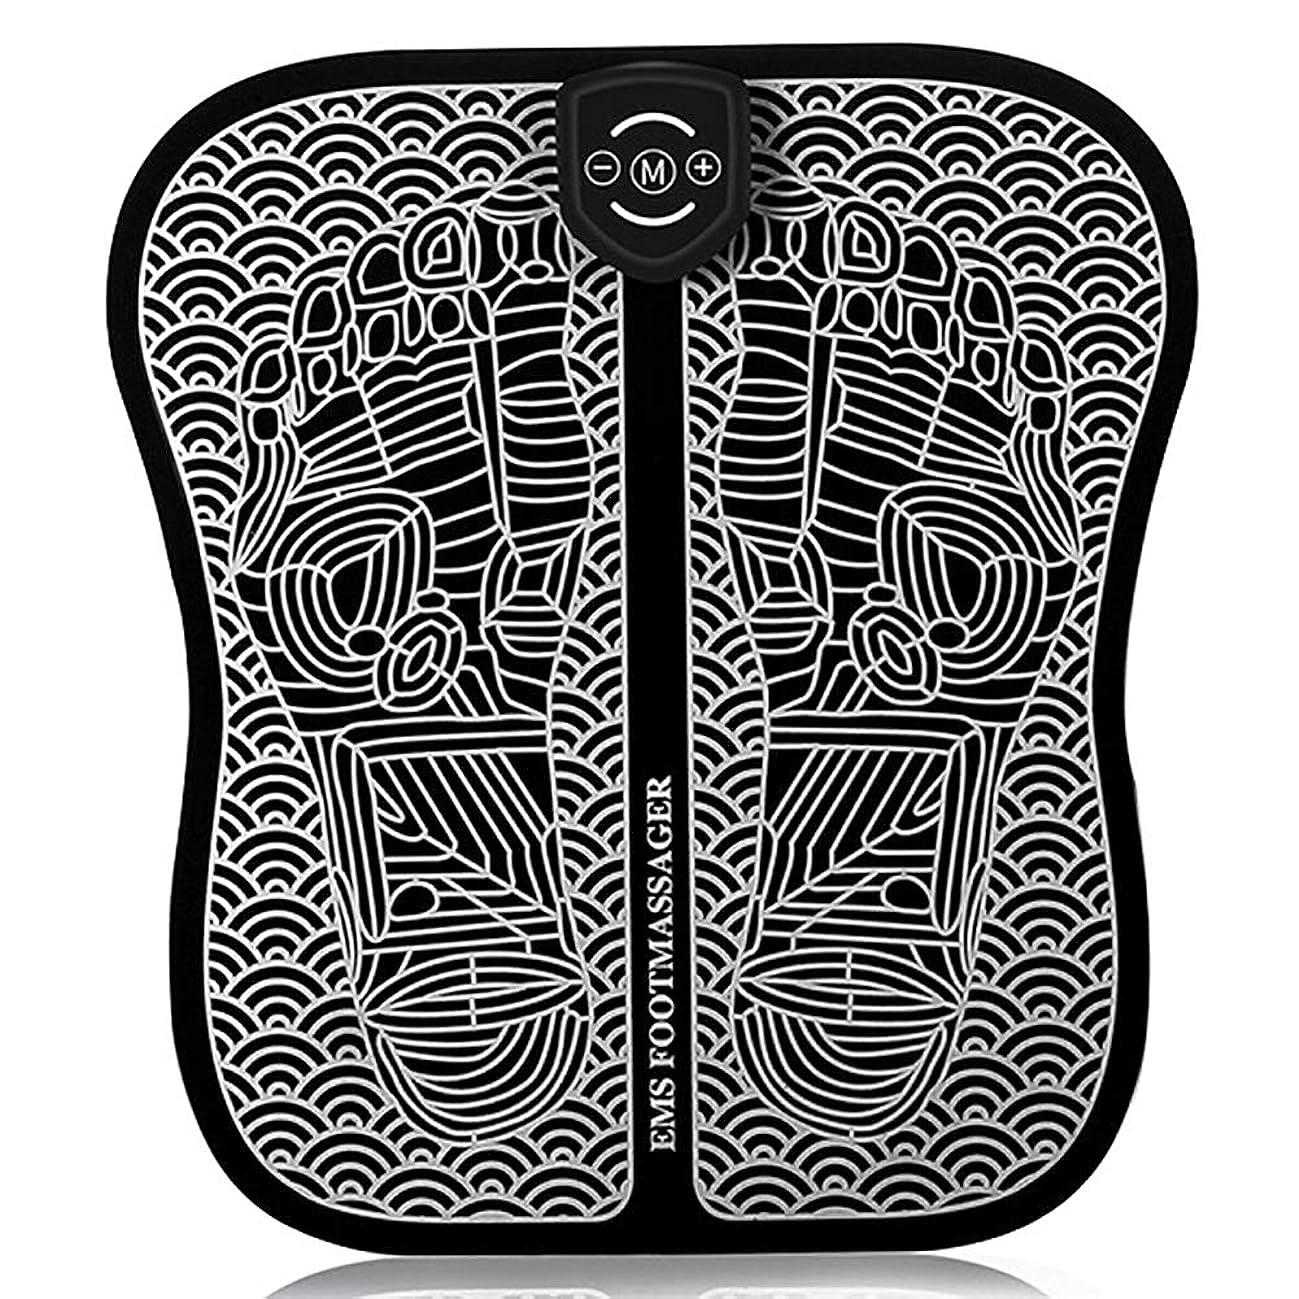 評論家習熟度モス理性的なEMSのフィートの脈拍のマッサージャー、足のマッサージのマット6モード9種類の強さusbの充満携帯用折りたたみのマッサージのクッション誰にも,Chargingstyle